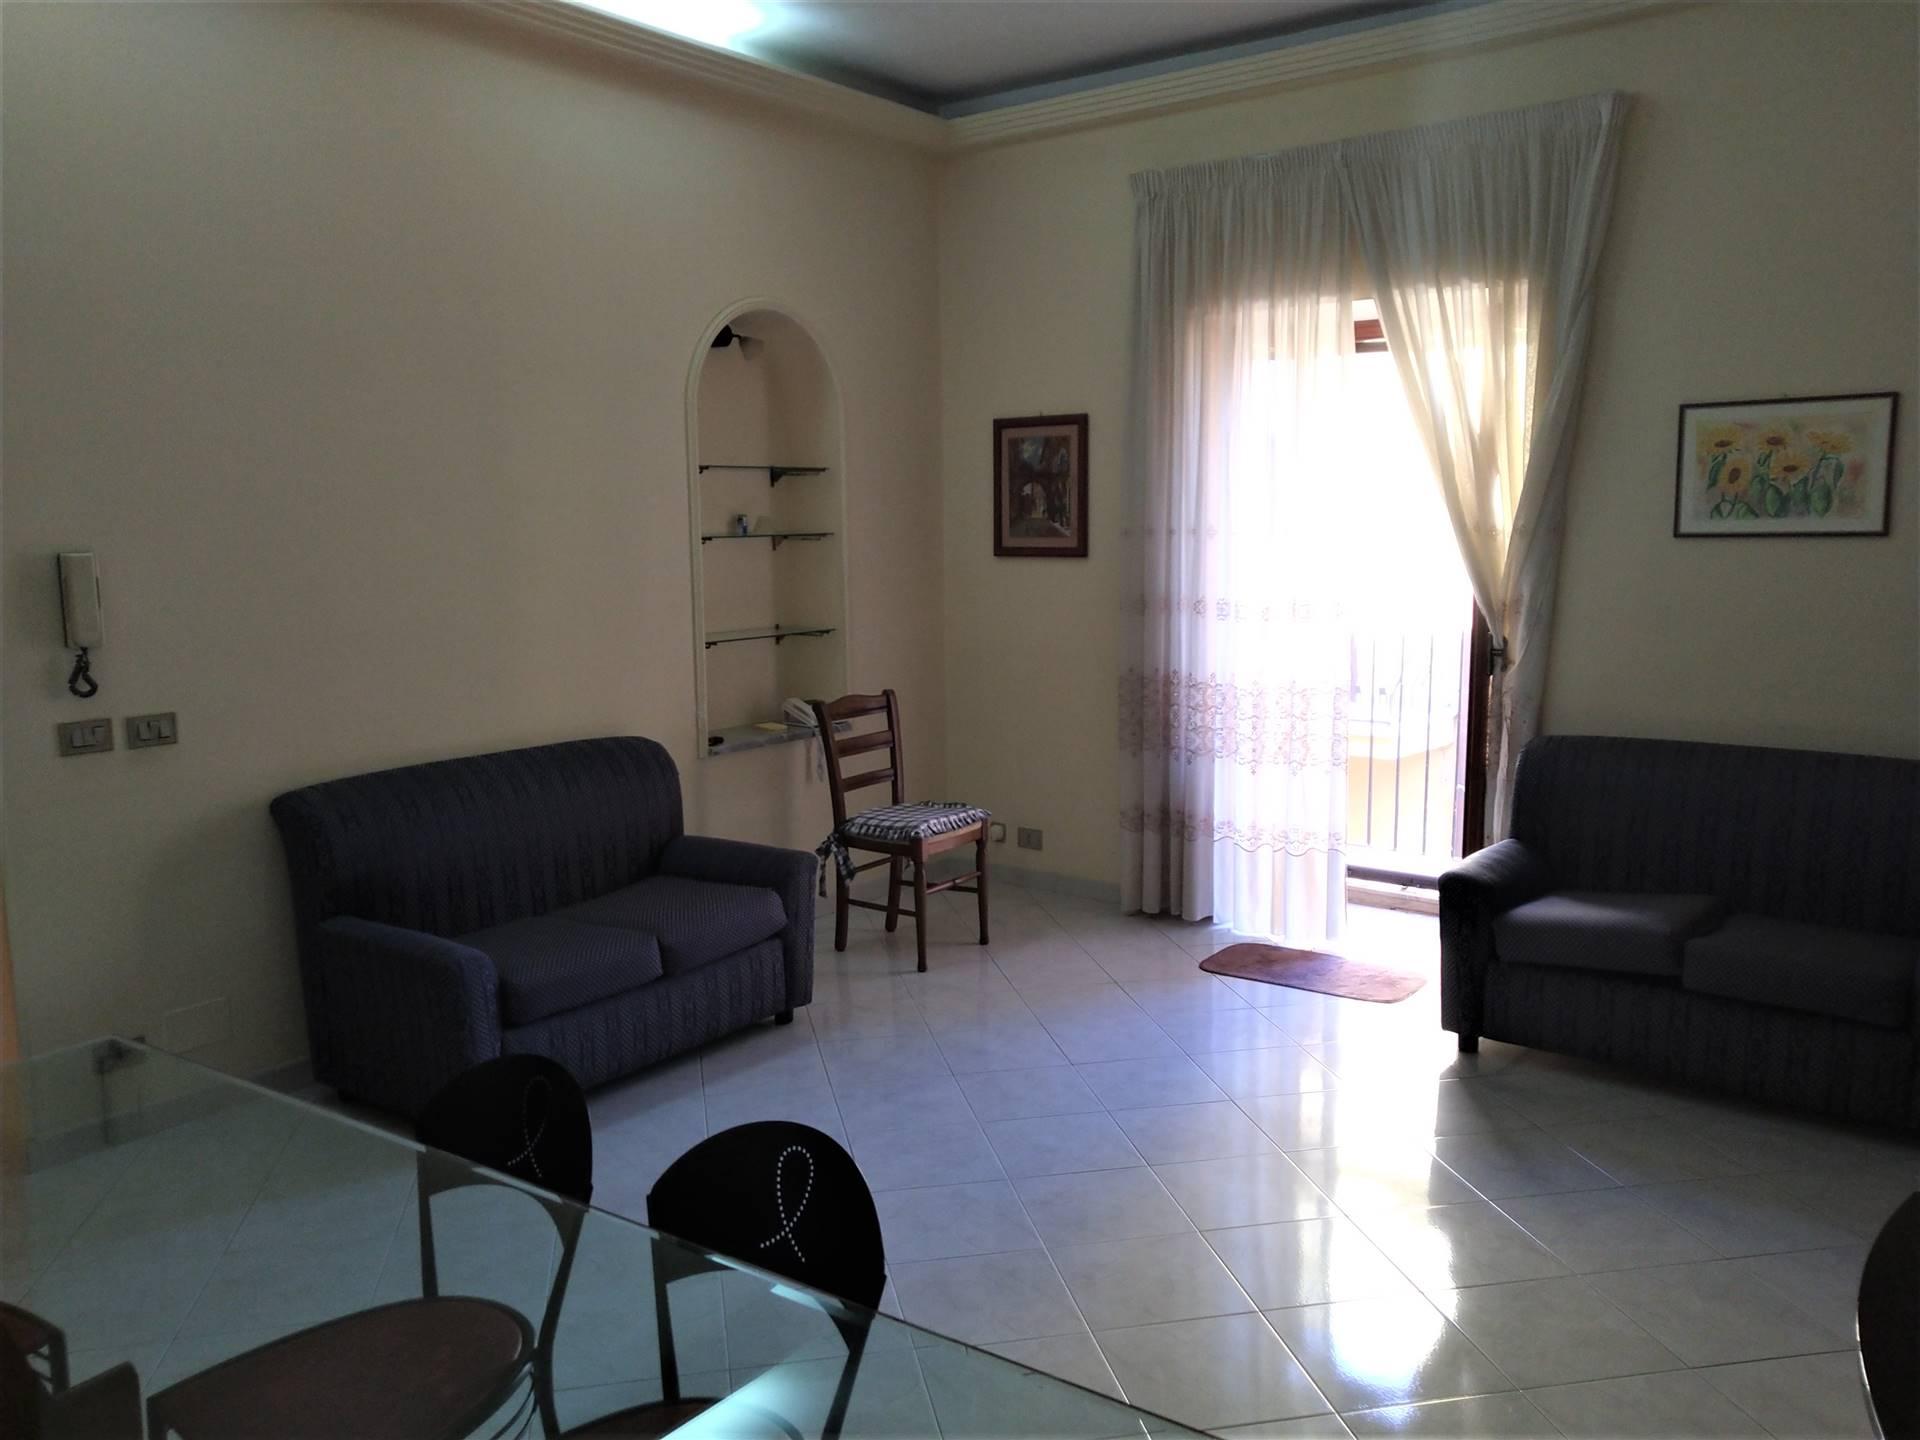 Soluzione Indipendente in affitto a Ragusa, 5 locali, zona Zona: Ibla, prezzo € 500 | CambioCasa.it